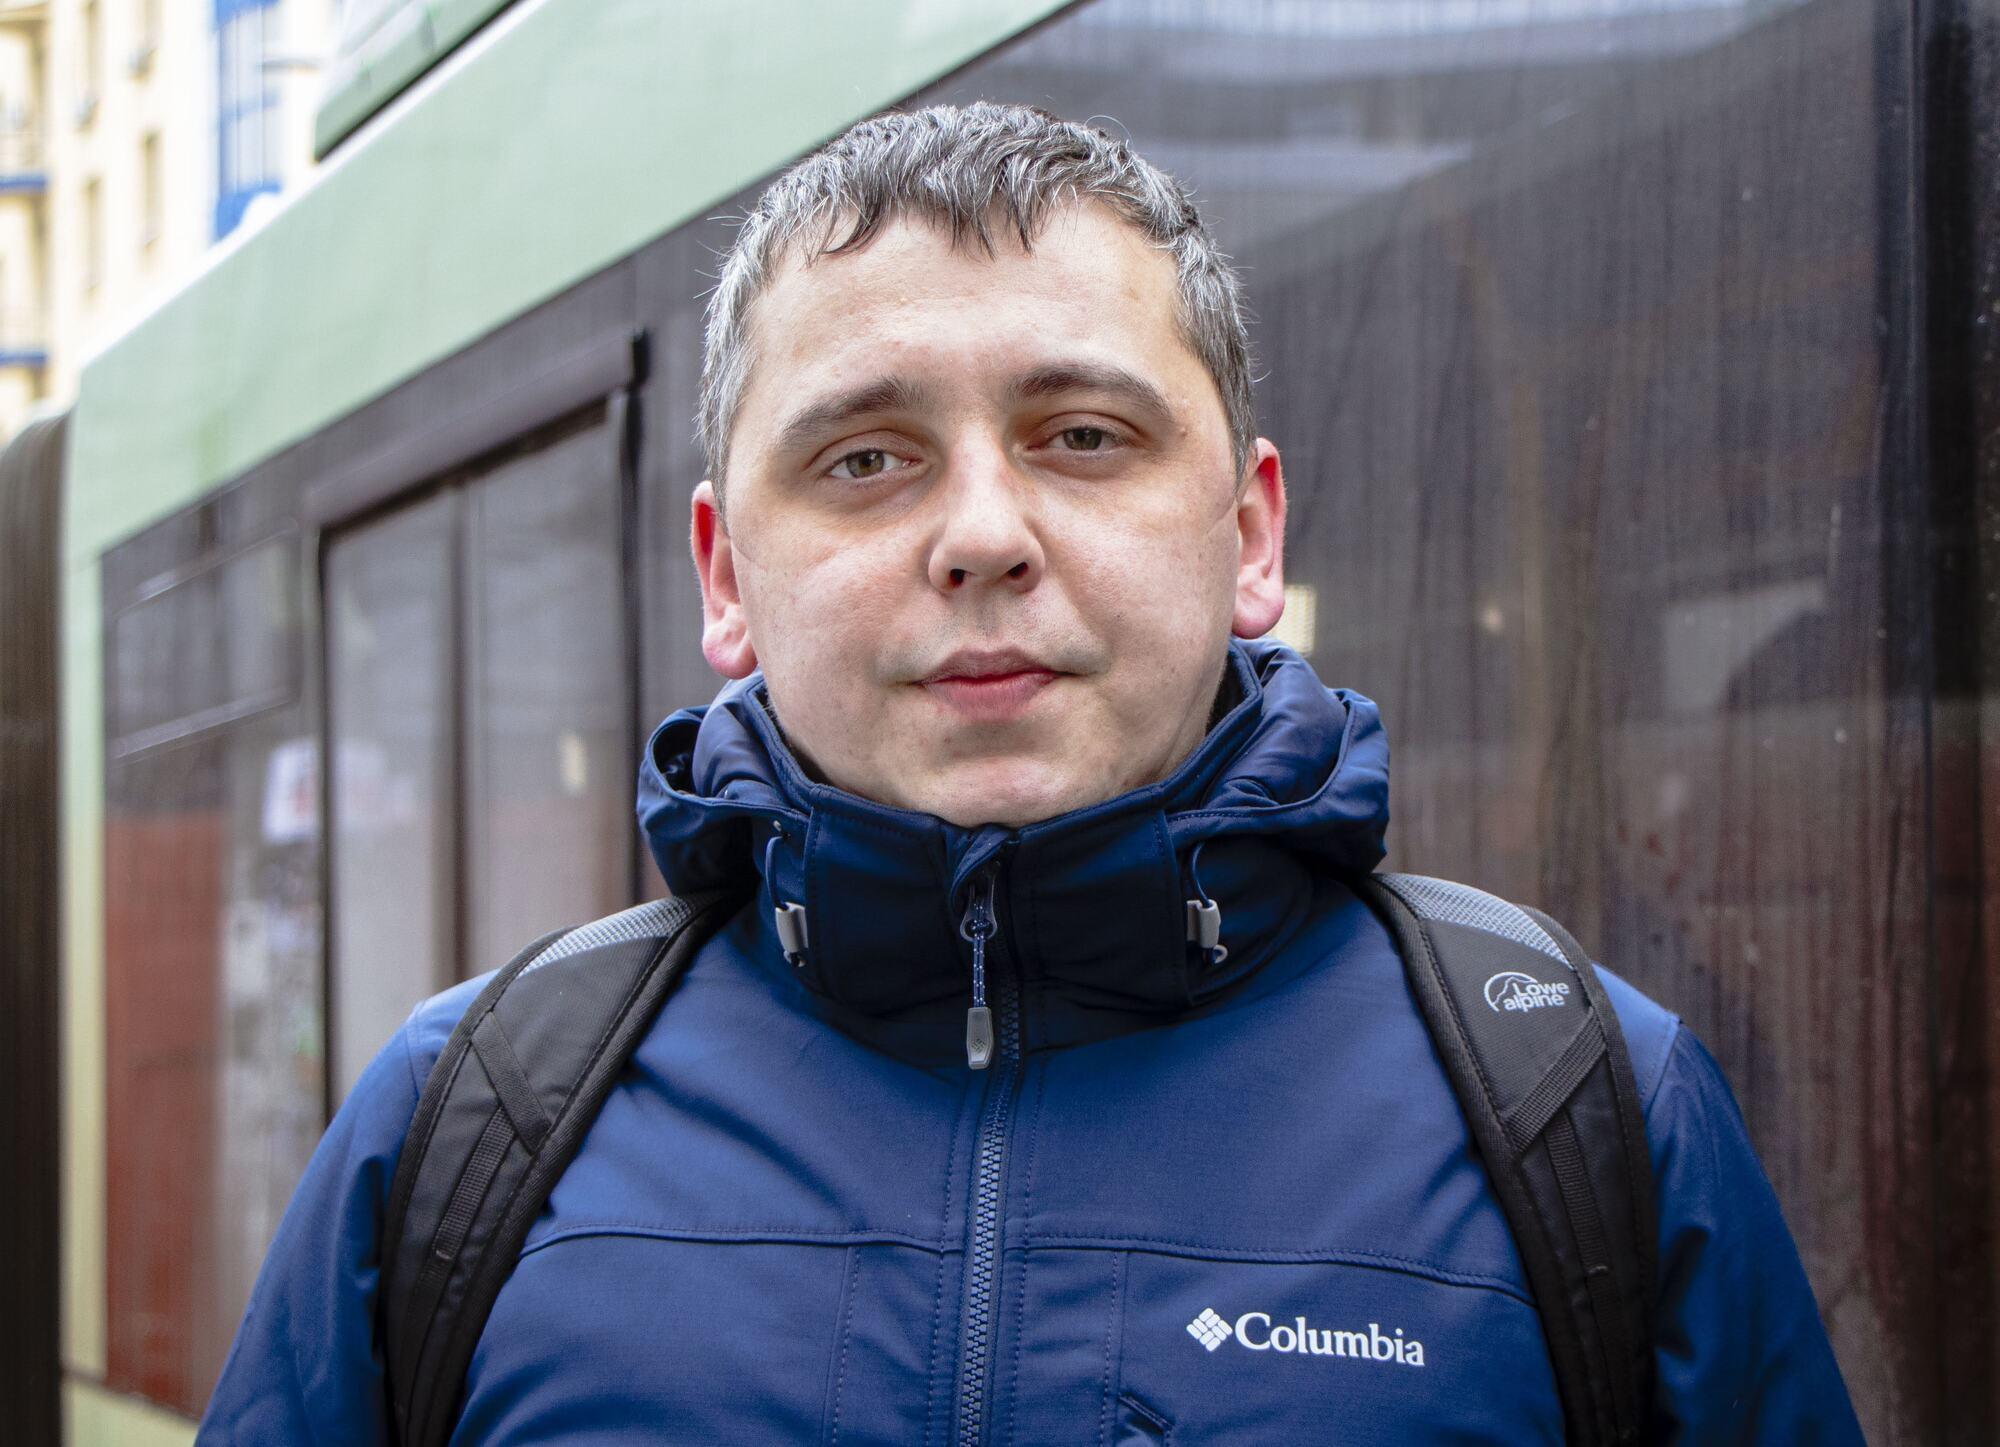 Специалист департамента транспорта и транспортной инфраструктуры ДМР Иван Васючков